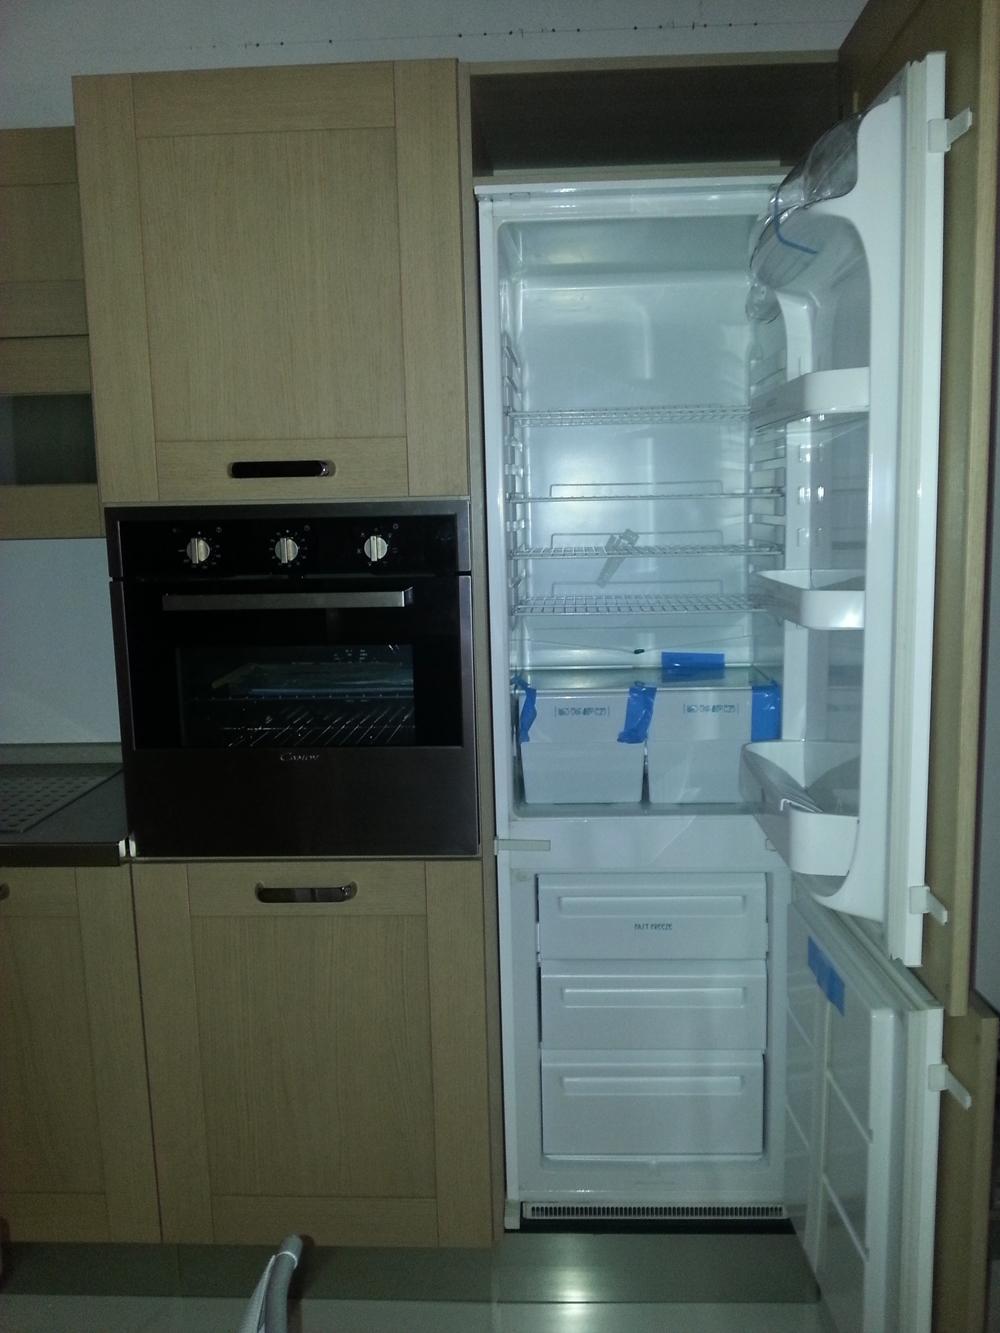 Zanotto cucina in legno moderna legno rovere chiaro cucine a prezzi scontati - Cucina in legno moderna ...